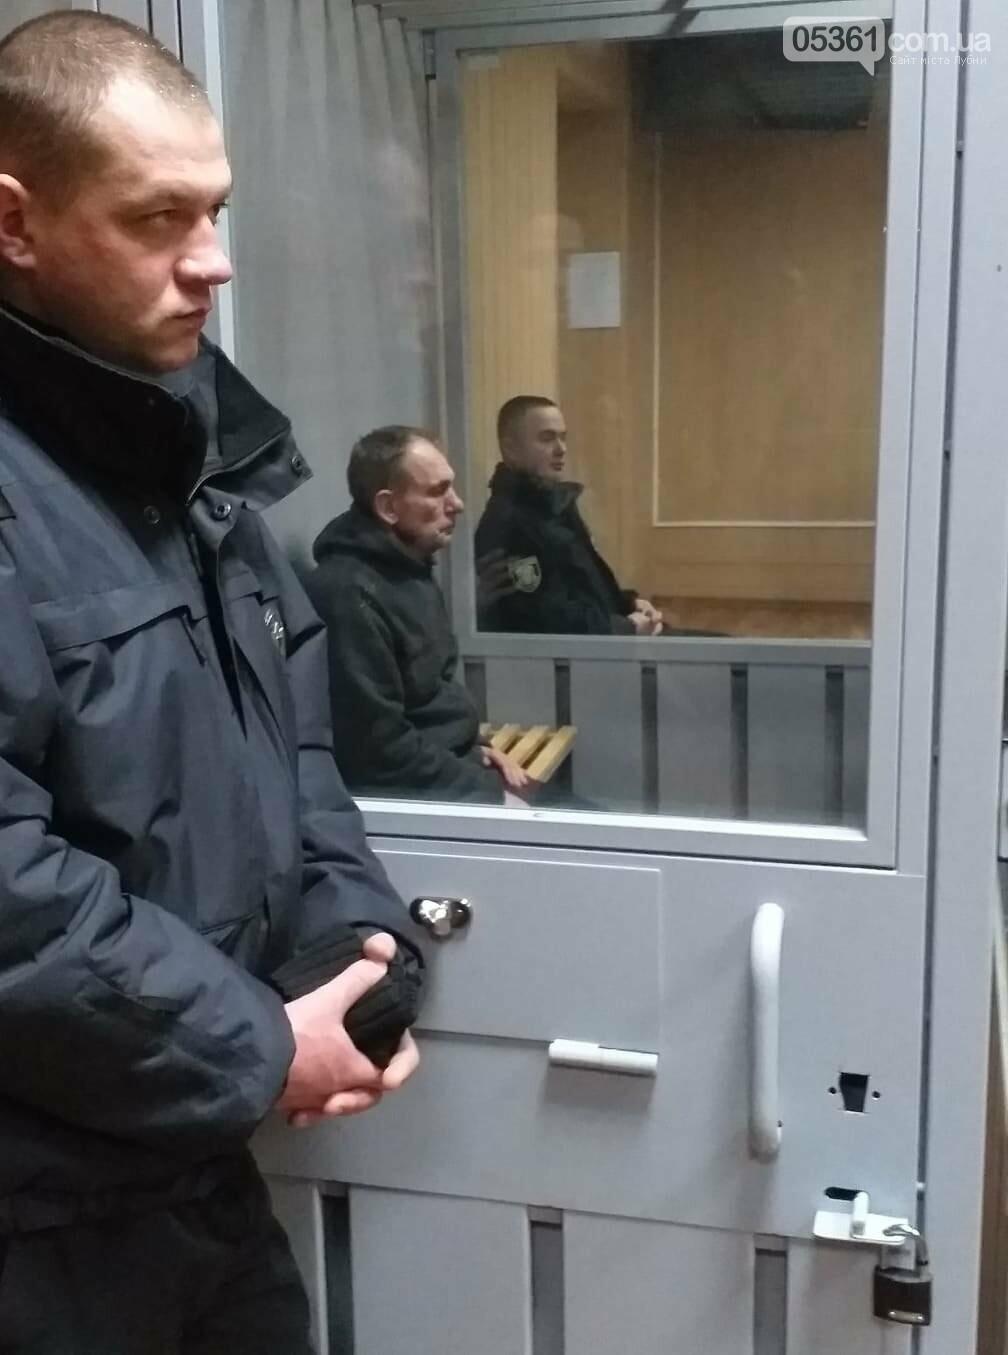 Різанина на Ярмарковій: суд визначив міру запобіжного заходу підозрюваному, фото-2